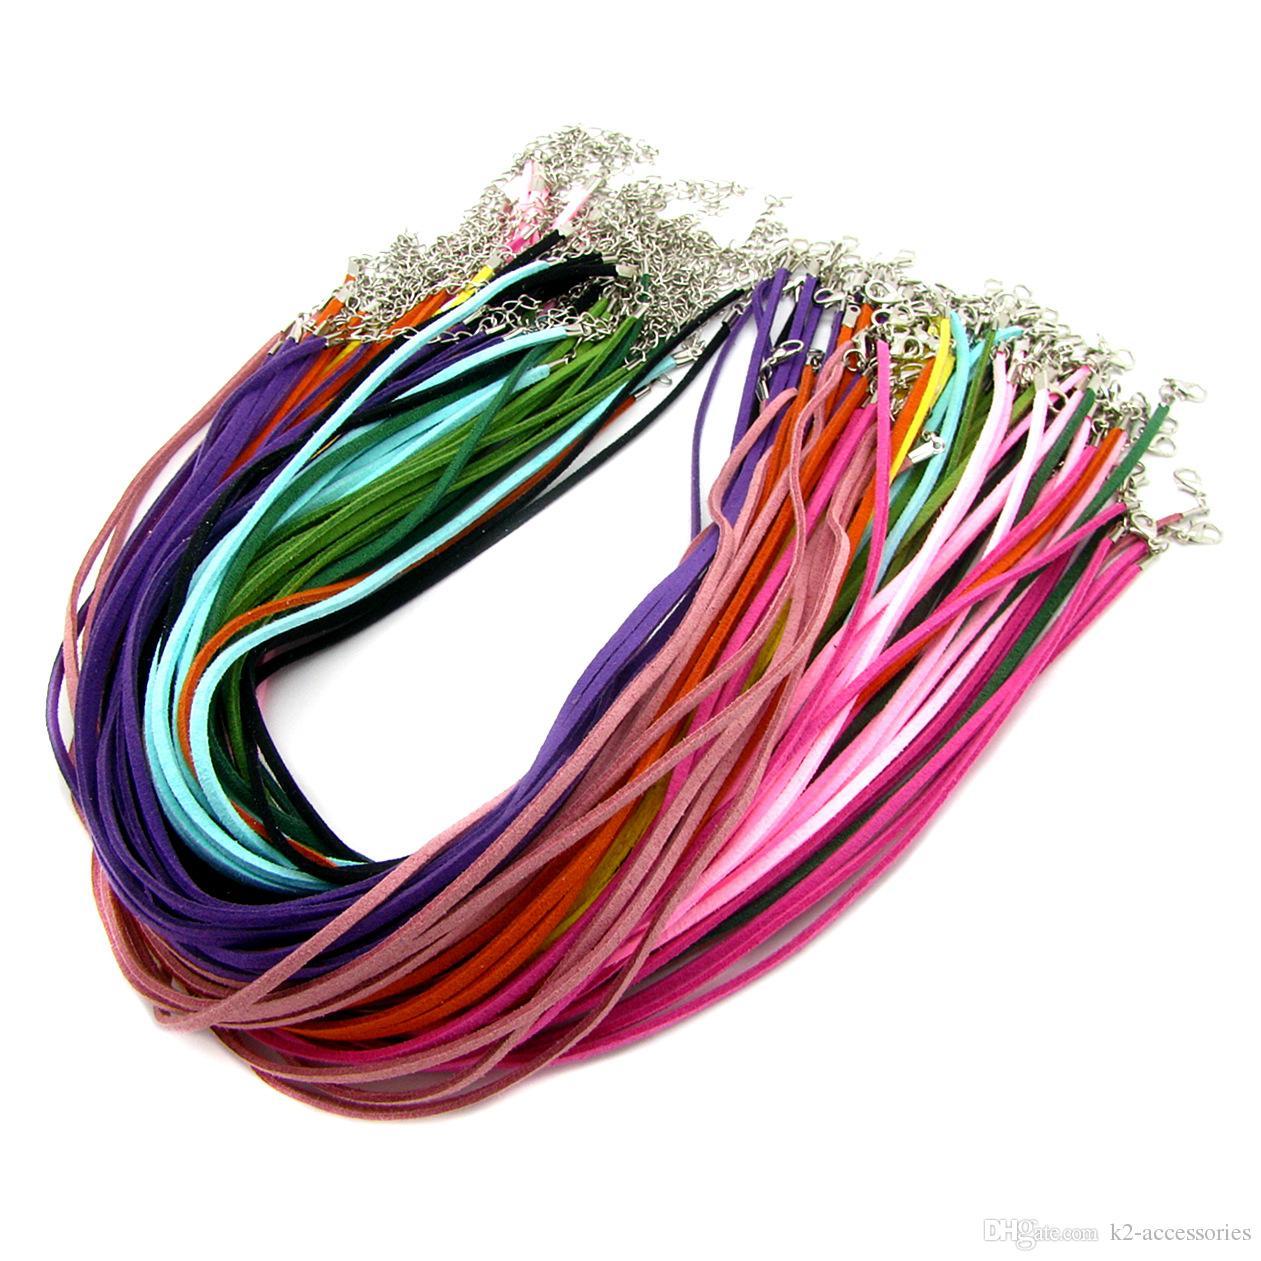 100 adet / grup Süet Kordon Mix Renk Kore Kadife Kordon Kolye Halat zincir Istakoz Kapat DIY Takı Yapımı